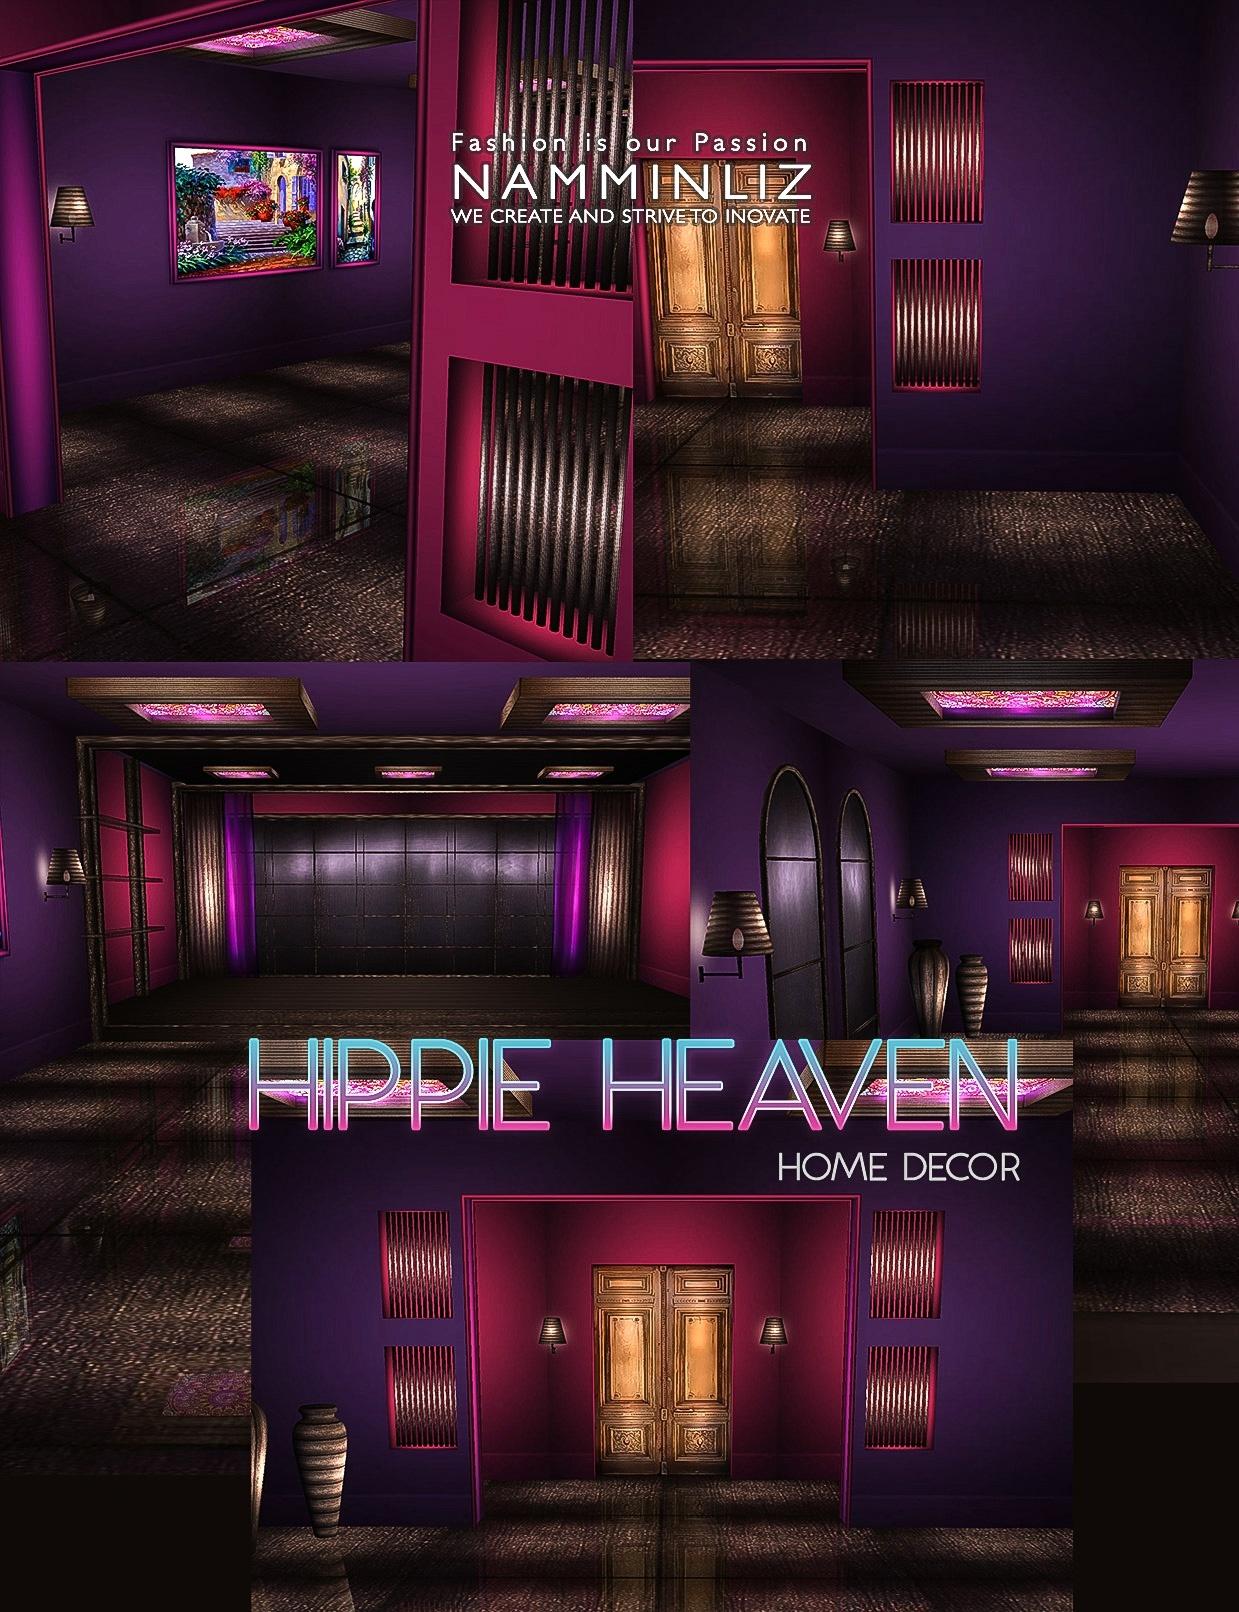 Hippie Heaven imvu Home decor 39 Textures JPEG • 8.CHKN